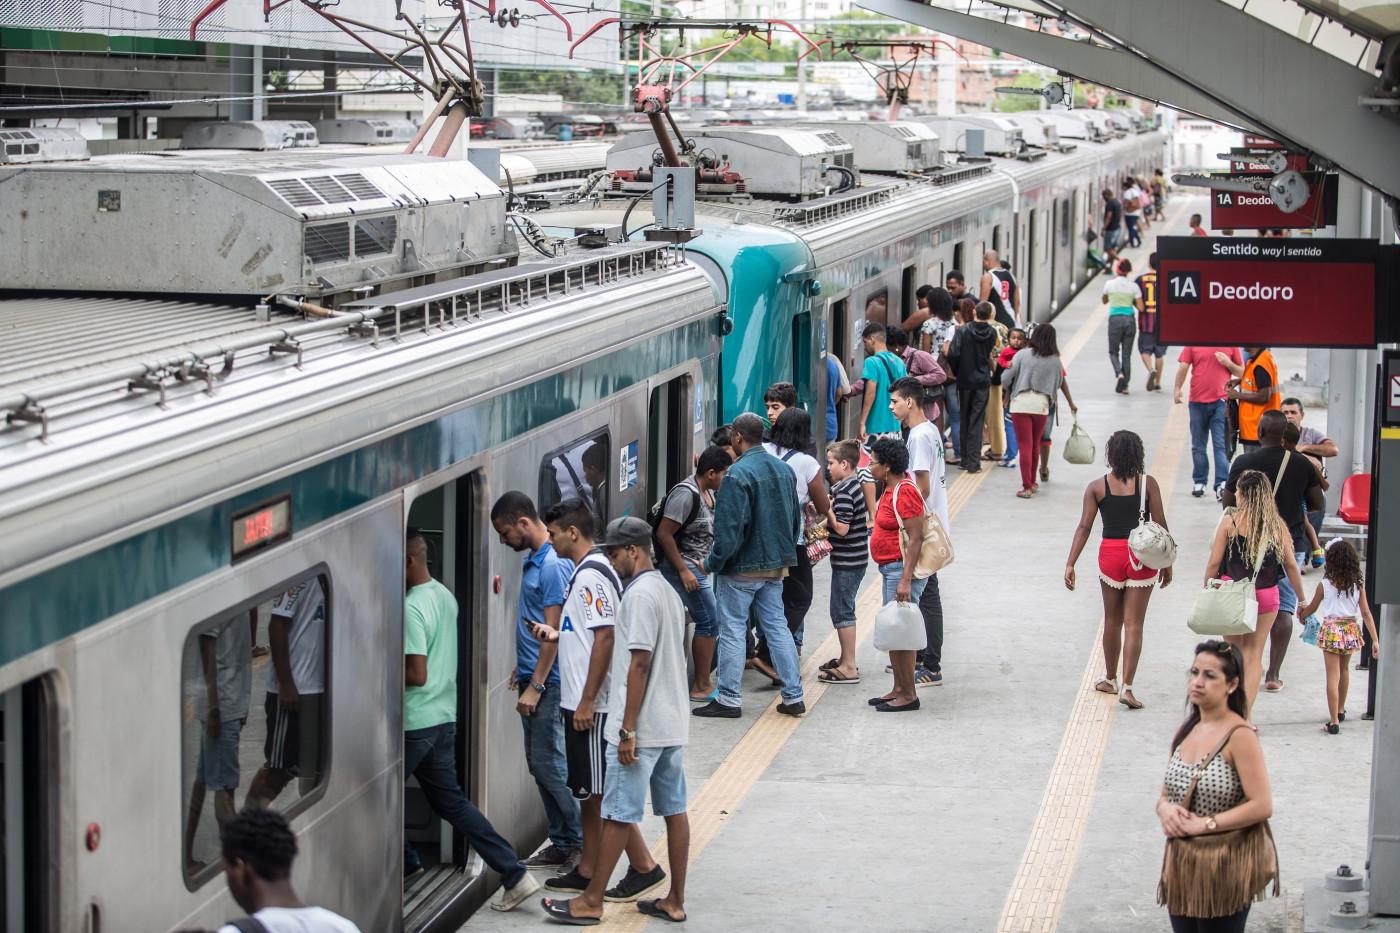 Passageiros entrando no vagão do trem da SuperVia no Rio de Janeiro